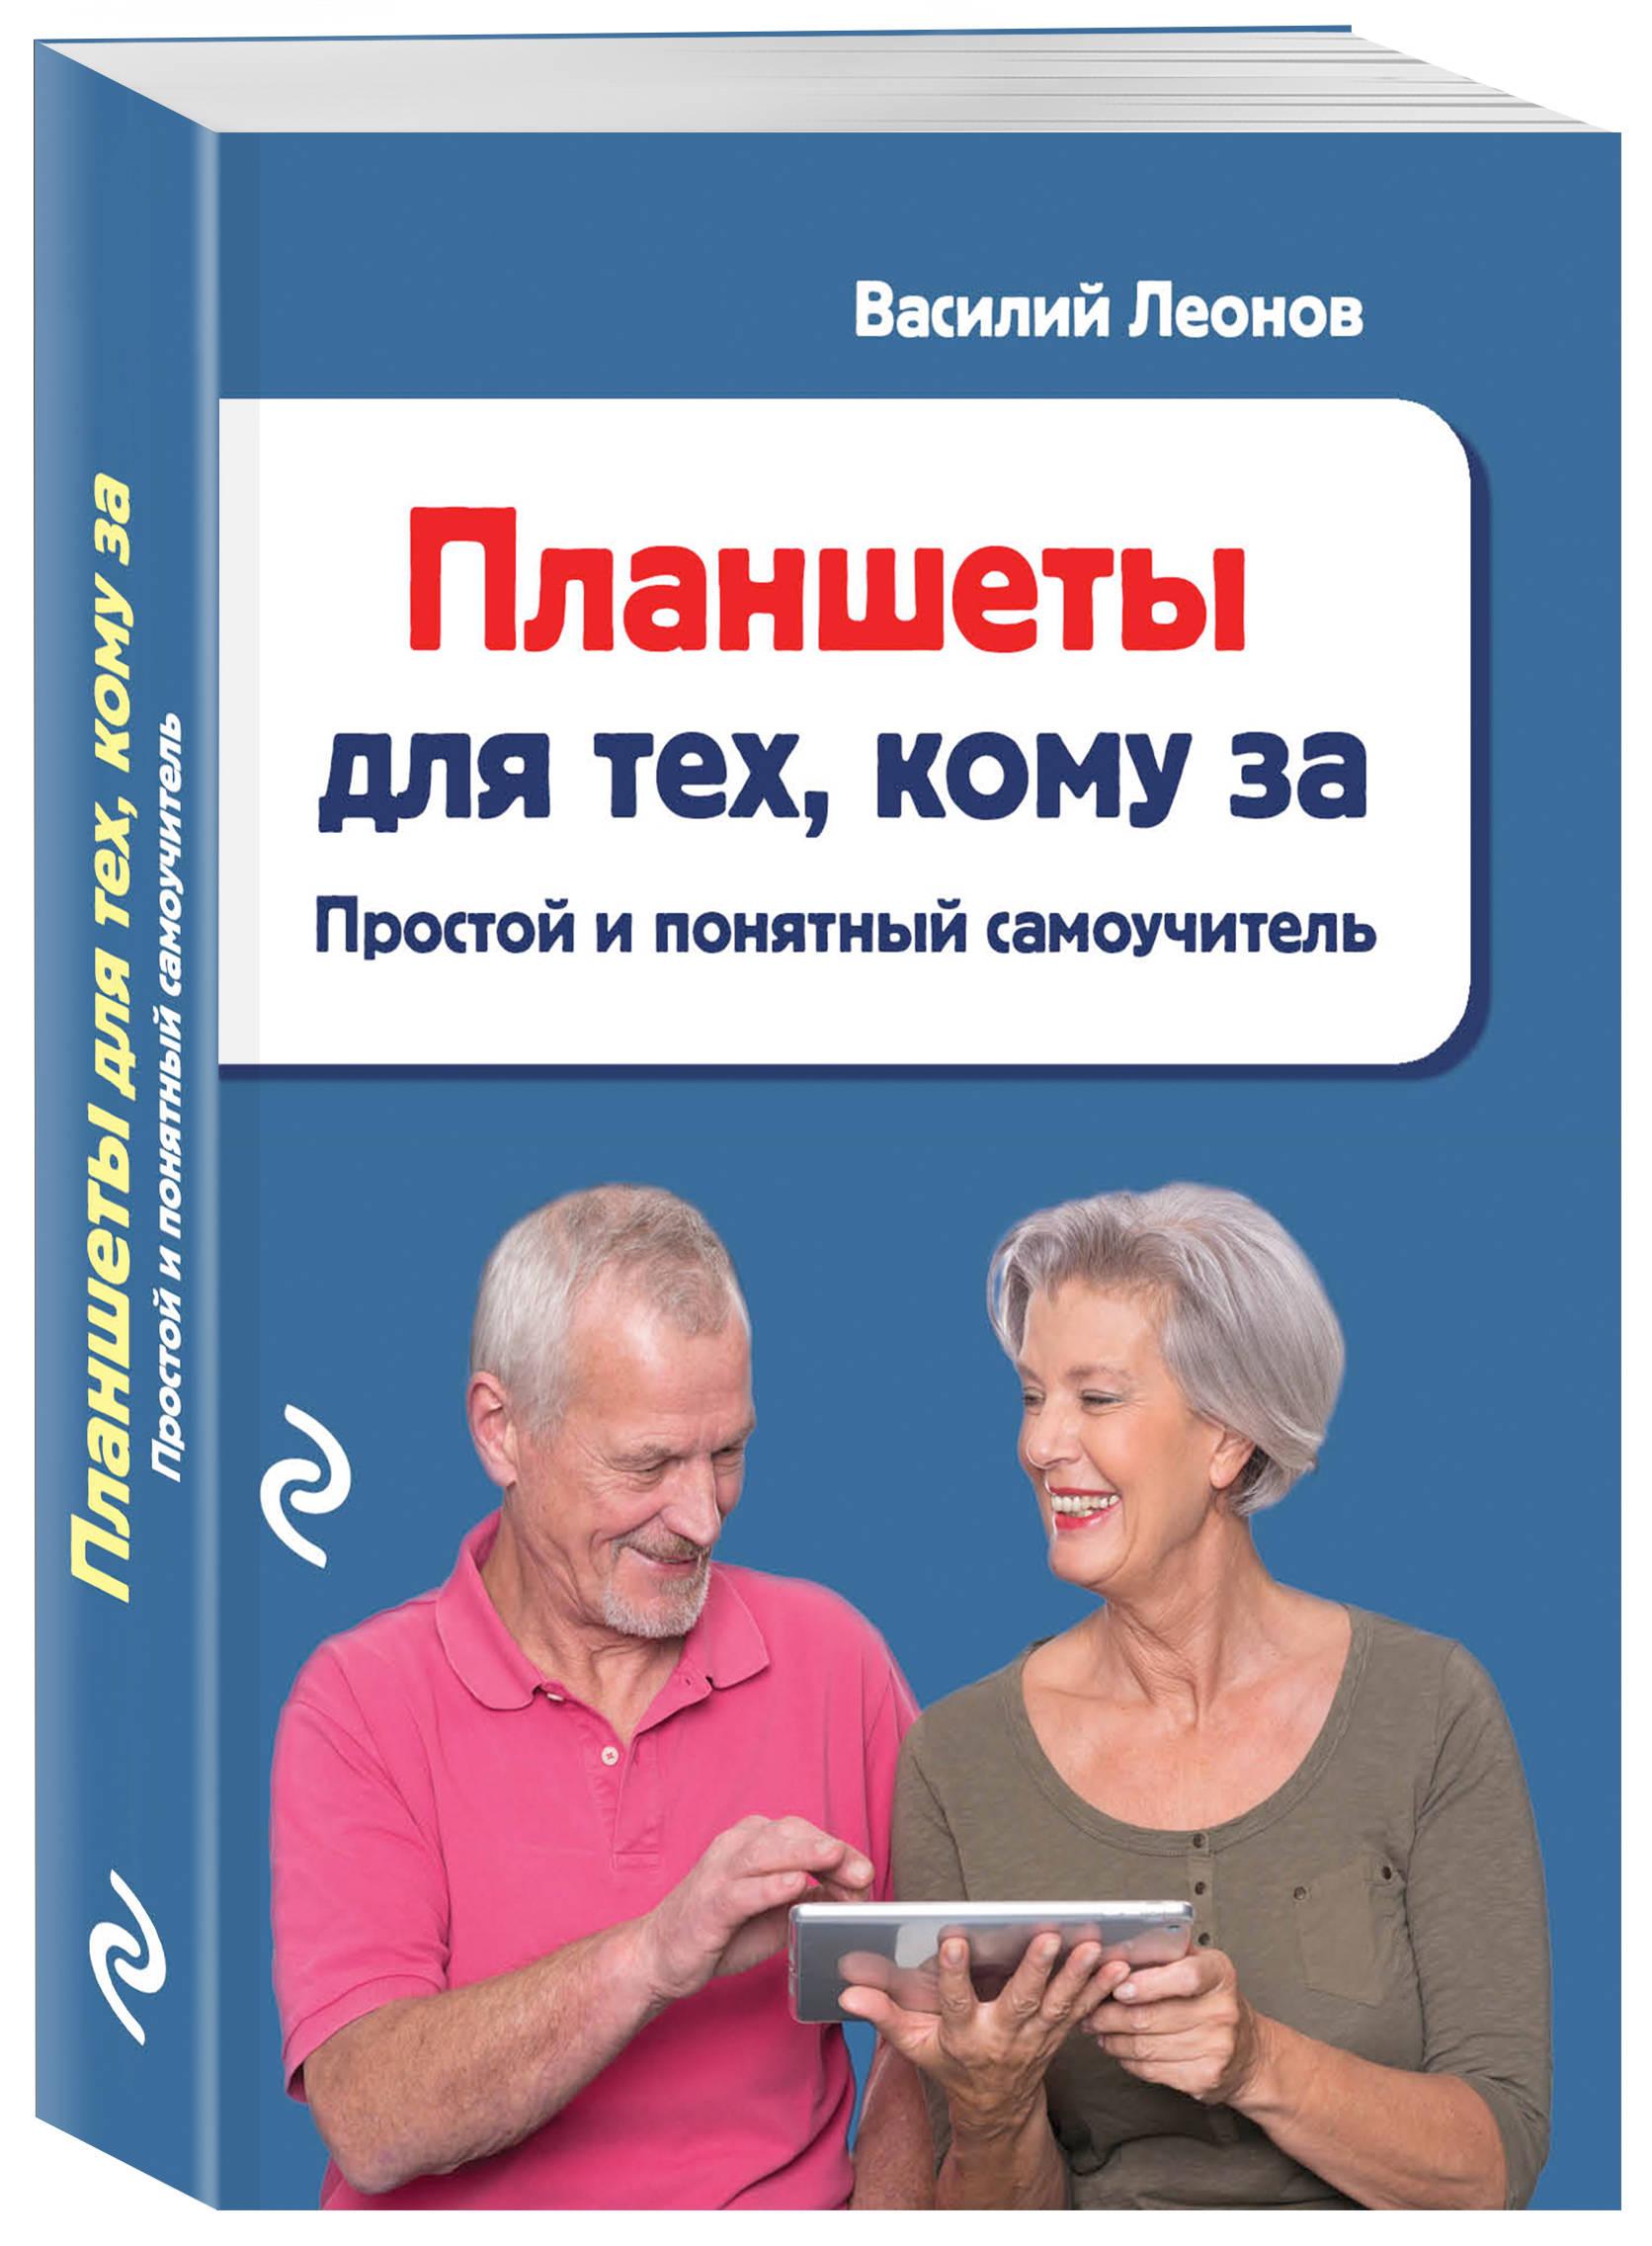 Василий Леонов Планшеты для тех, кому за. Простой и понятный самоучитель android планшет понятный самоучитель